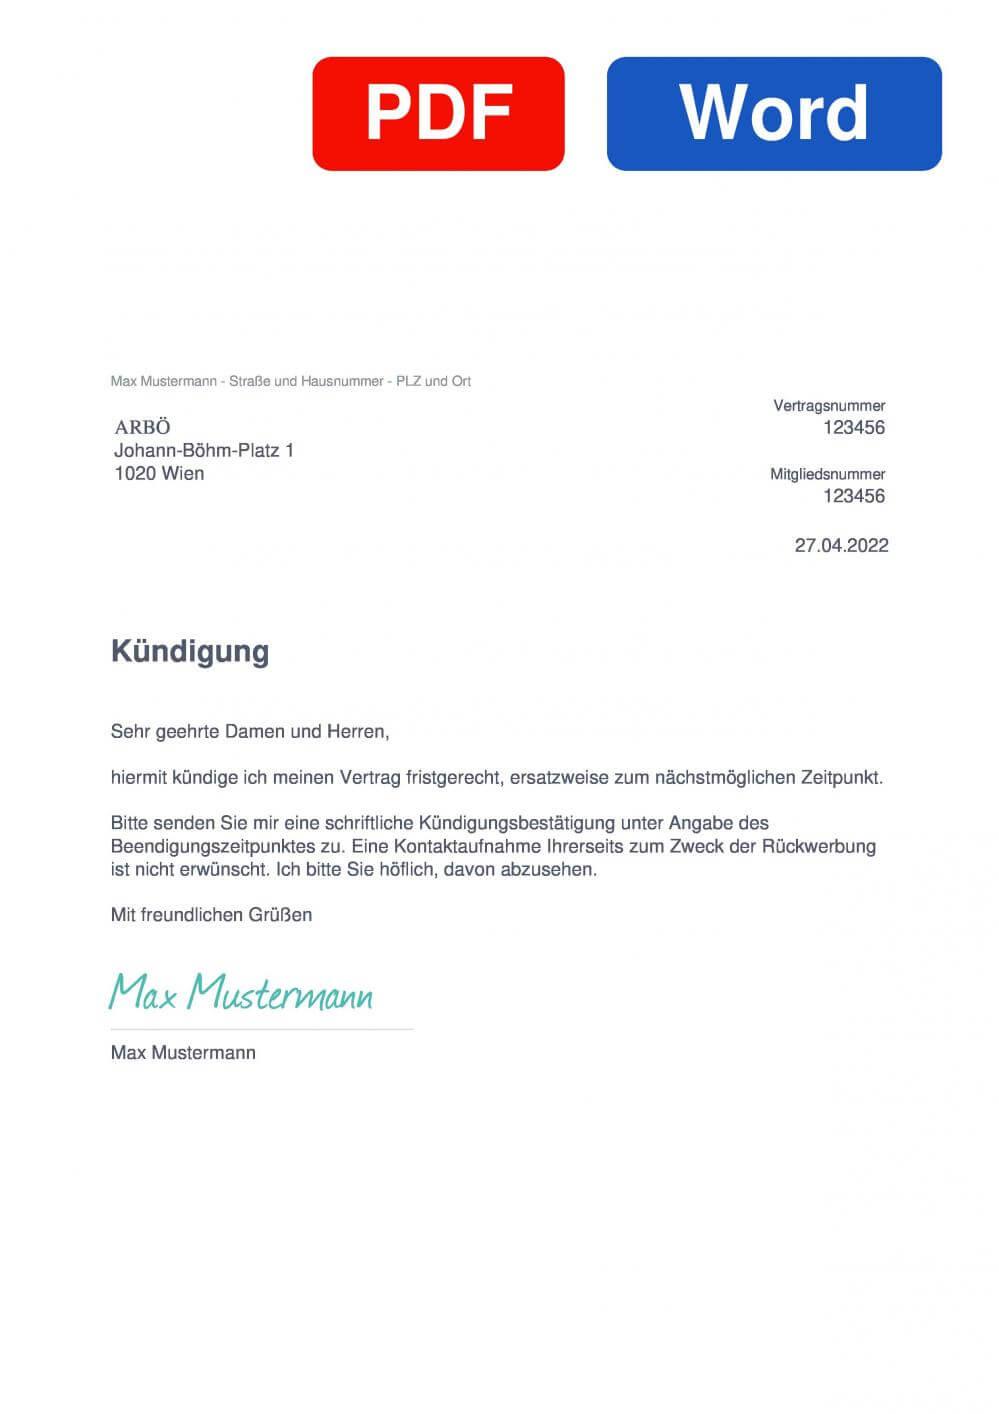 ARBÖ Muster Vorlage für Kündigungsschreiben